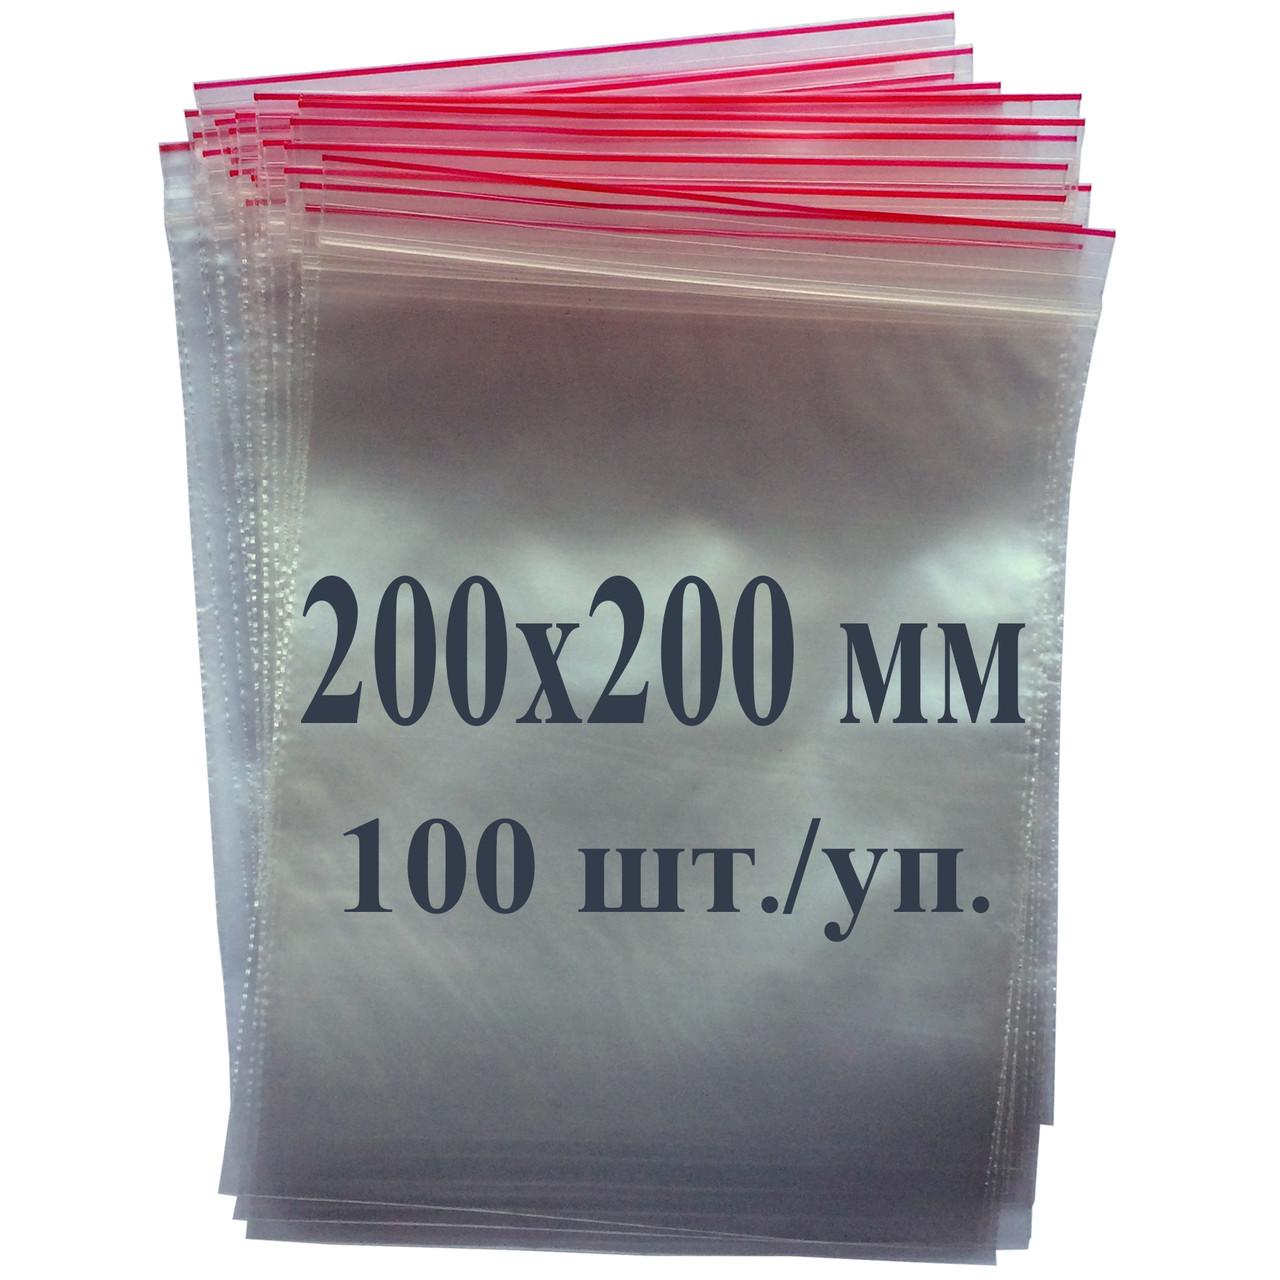 Пакет с застёжкой Zip lock 200*200 мм